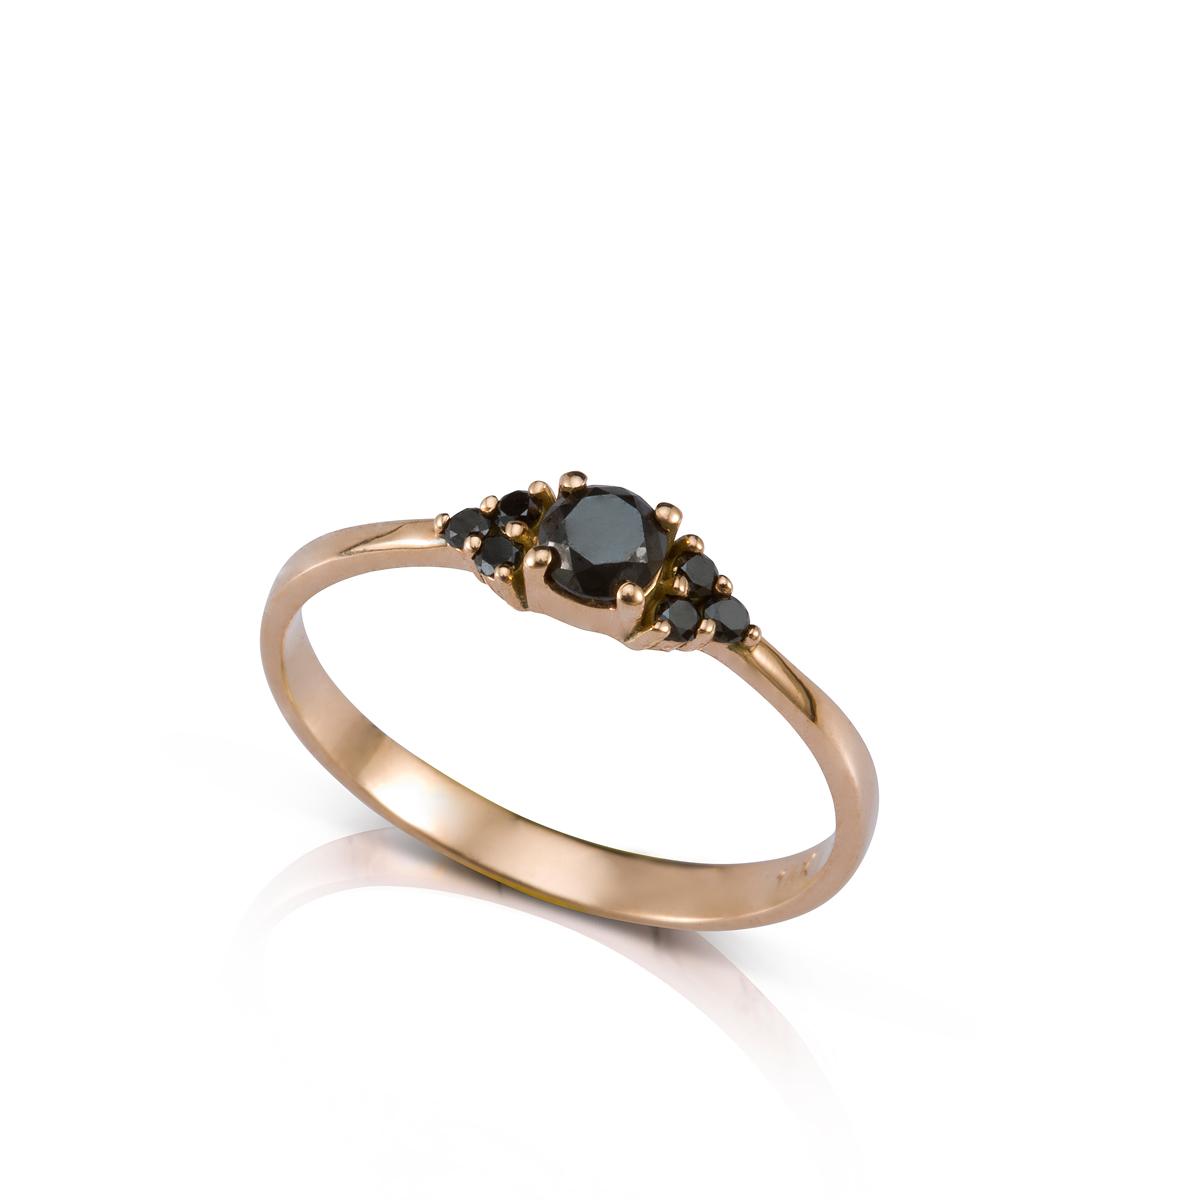 טבעת אירוסין משובצת יהלום שחור מרכזי ו-6 יהלומים שחורים צדדים